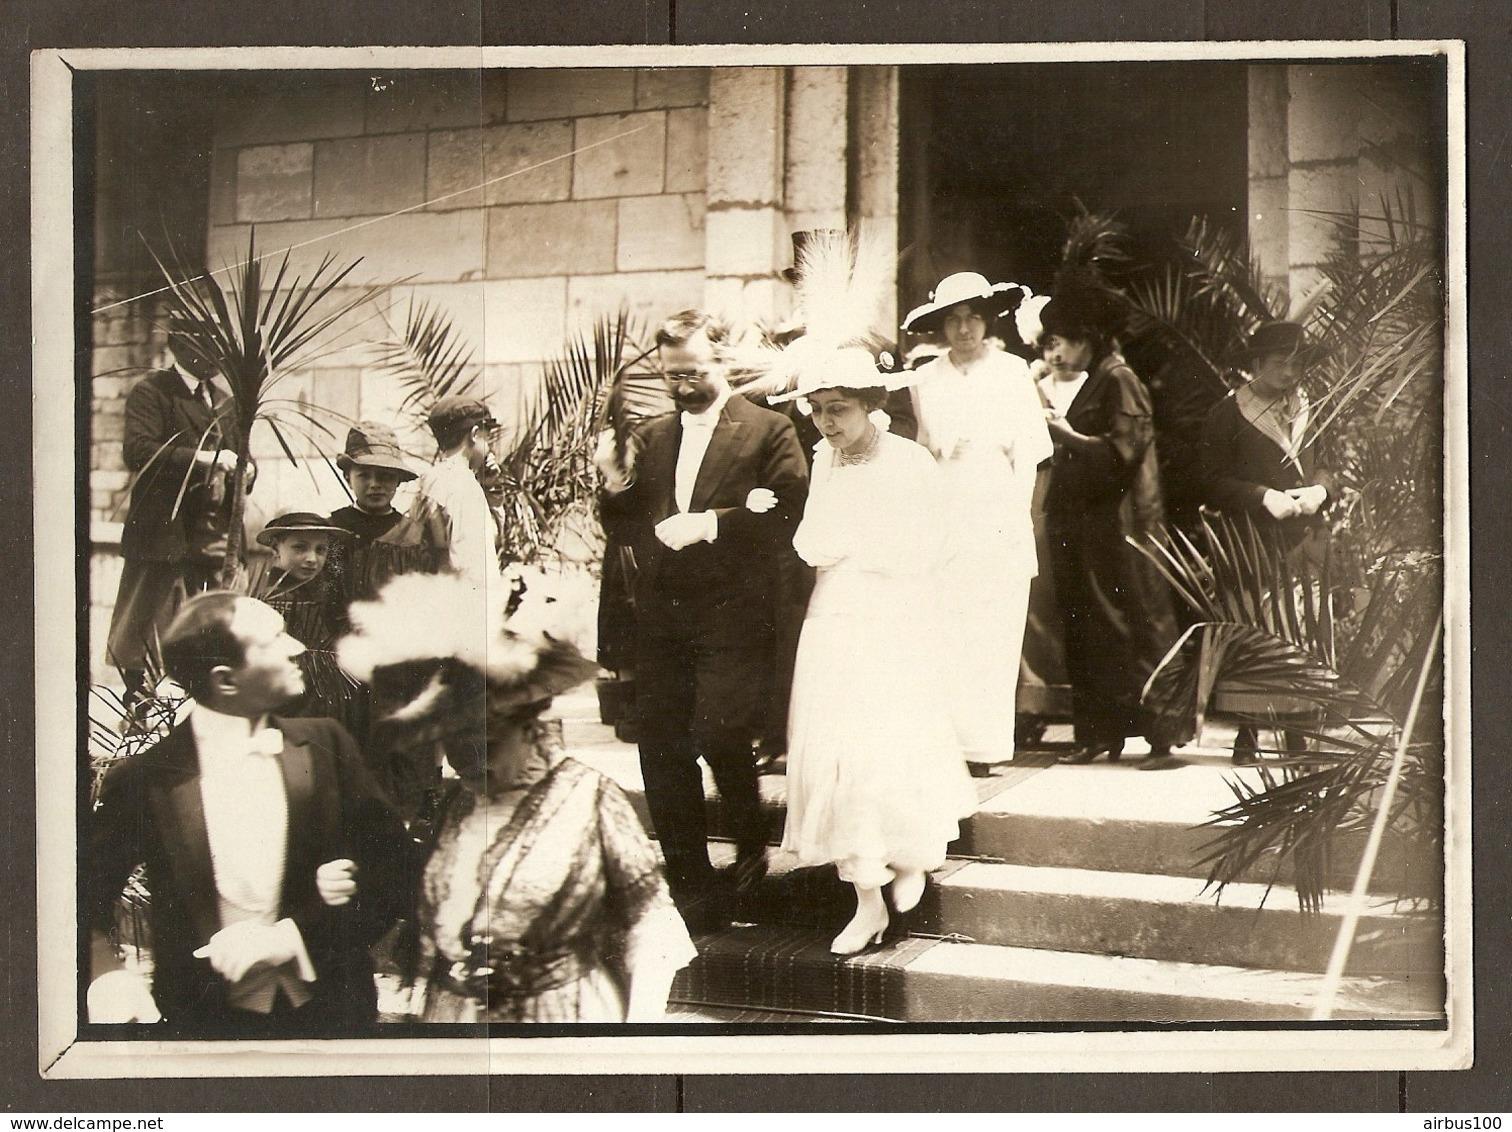 PHOTO RAPID LYON DEBUT XX ème SIECLE 13 X 18 Cm - NOBLESSE CEREMONIE MARIAGE HABIT ROBE HAUTE FORME - NOBILITY WEDDING - Persone Anonimi